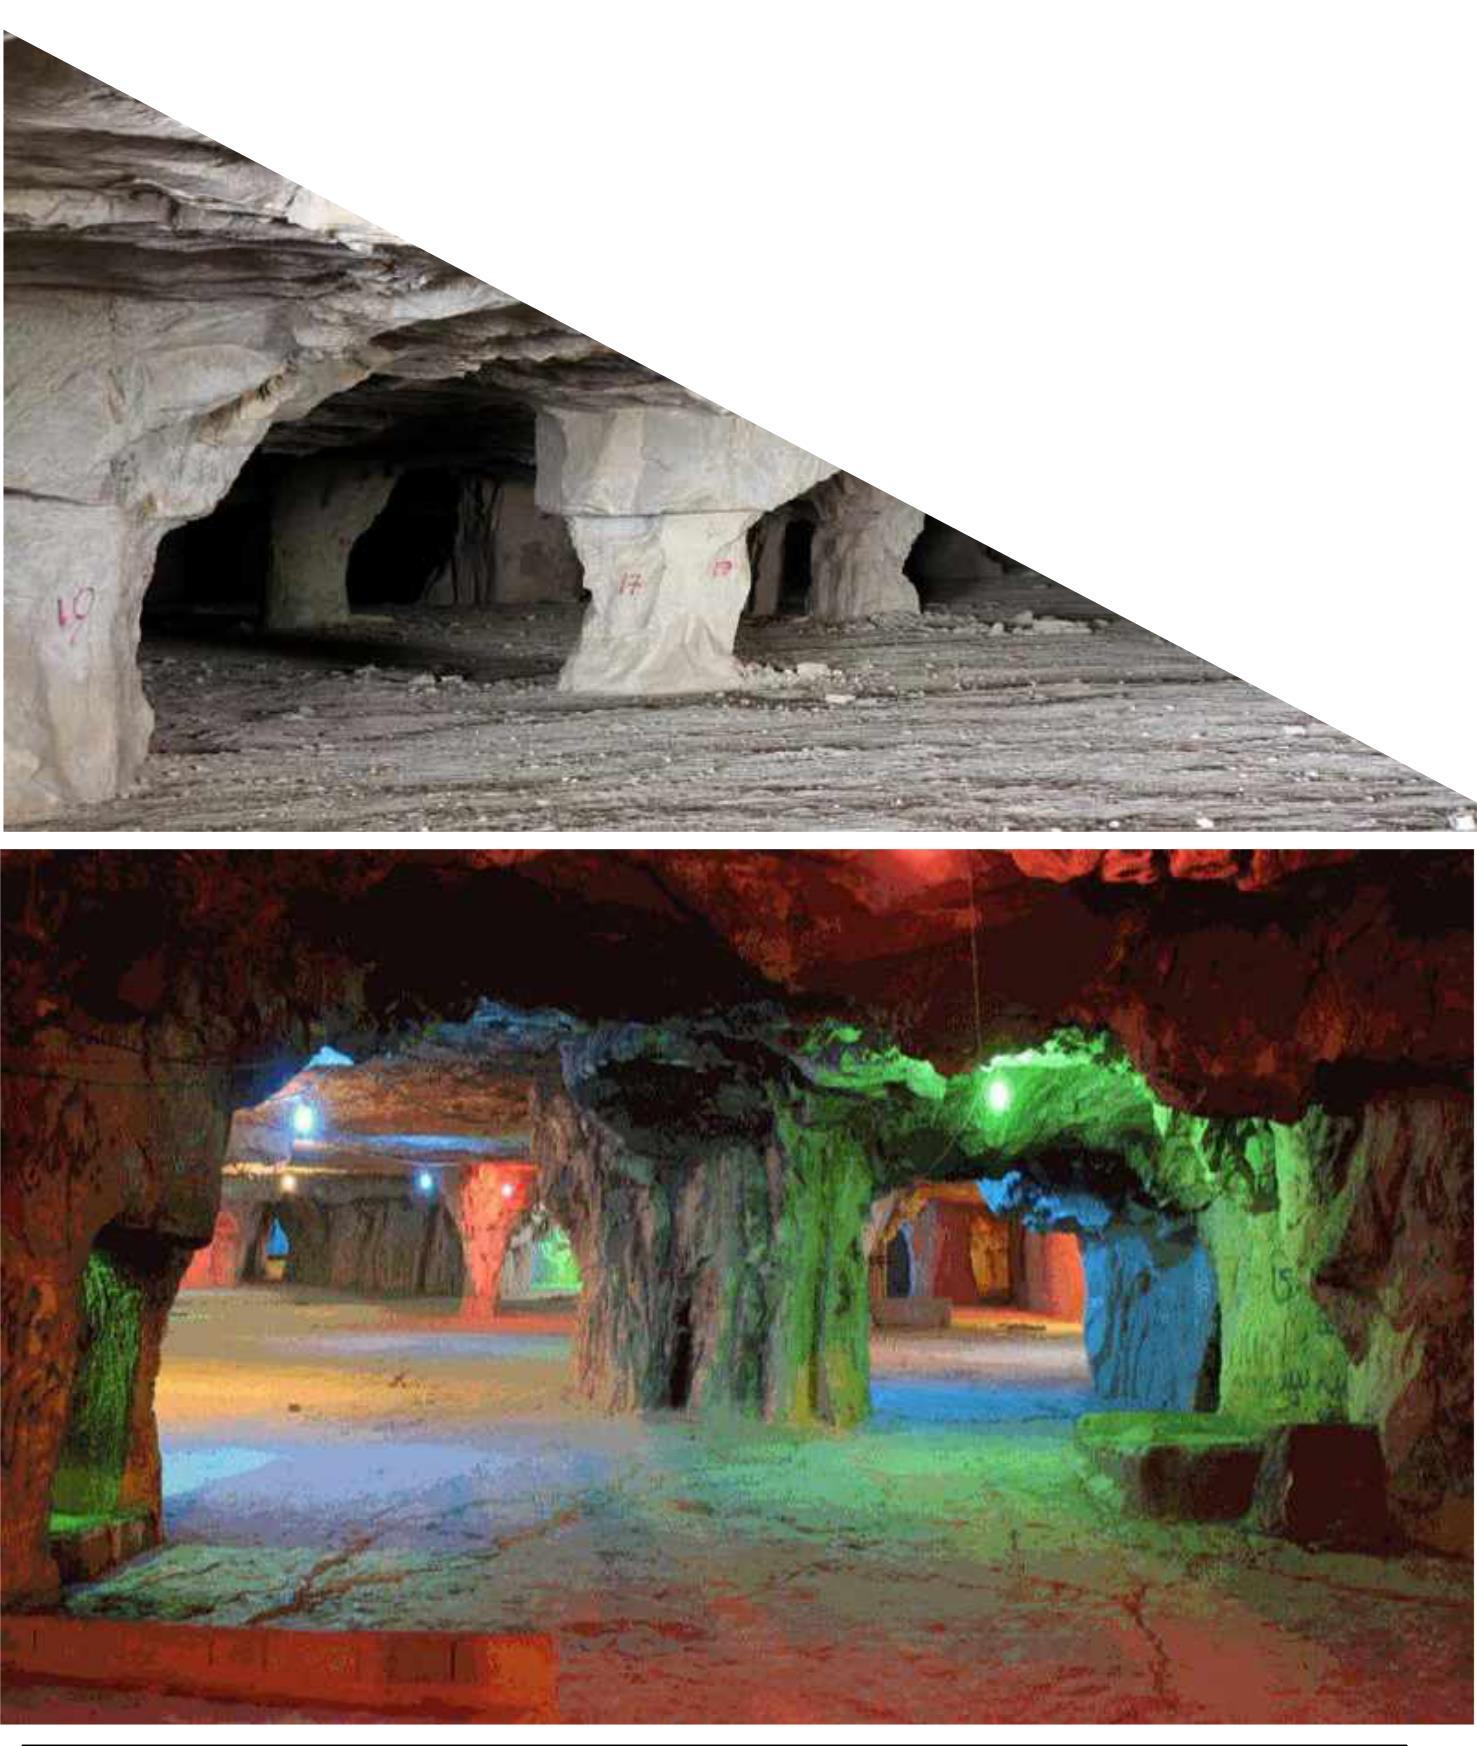 ﻏﺎر ﺳﻨﮓ ﺷﮑﻨﺎن، بزرگ ترین غار دست ساز جهان + عکس